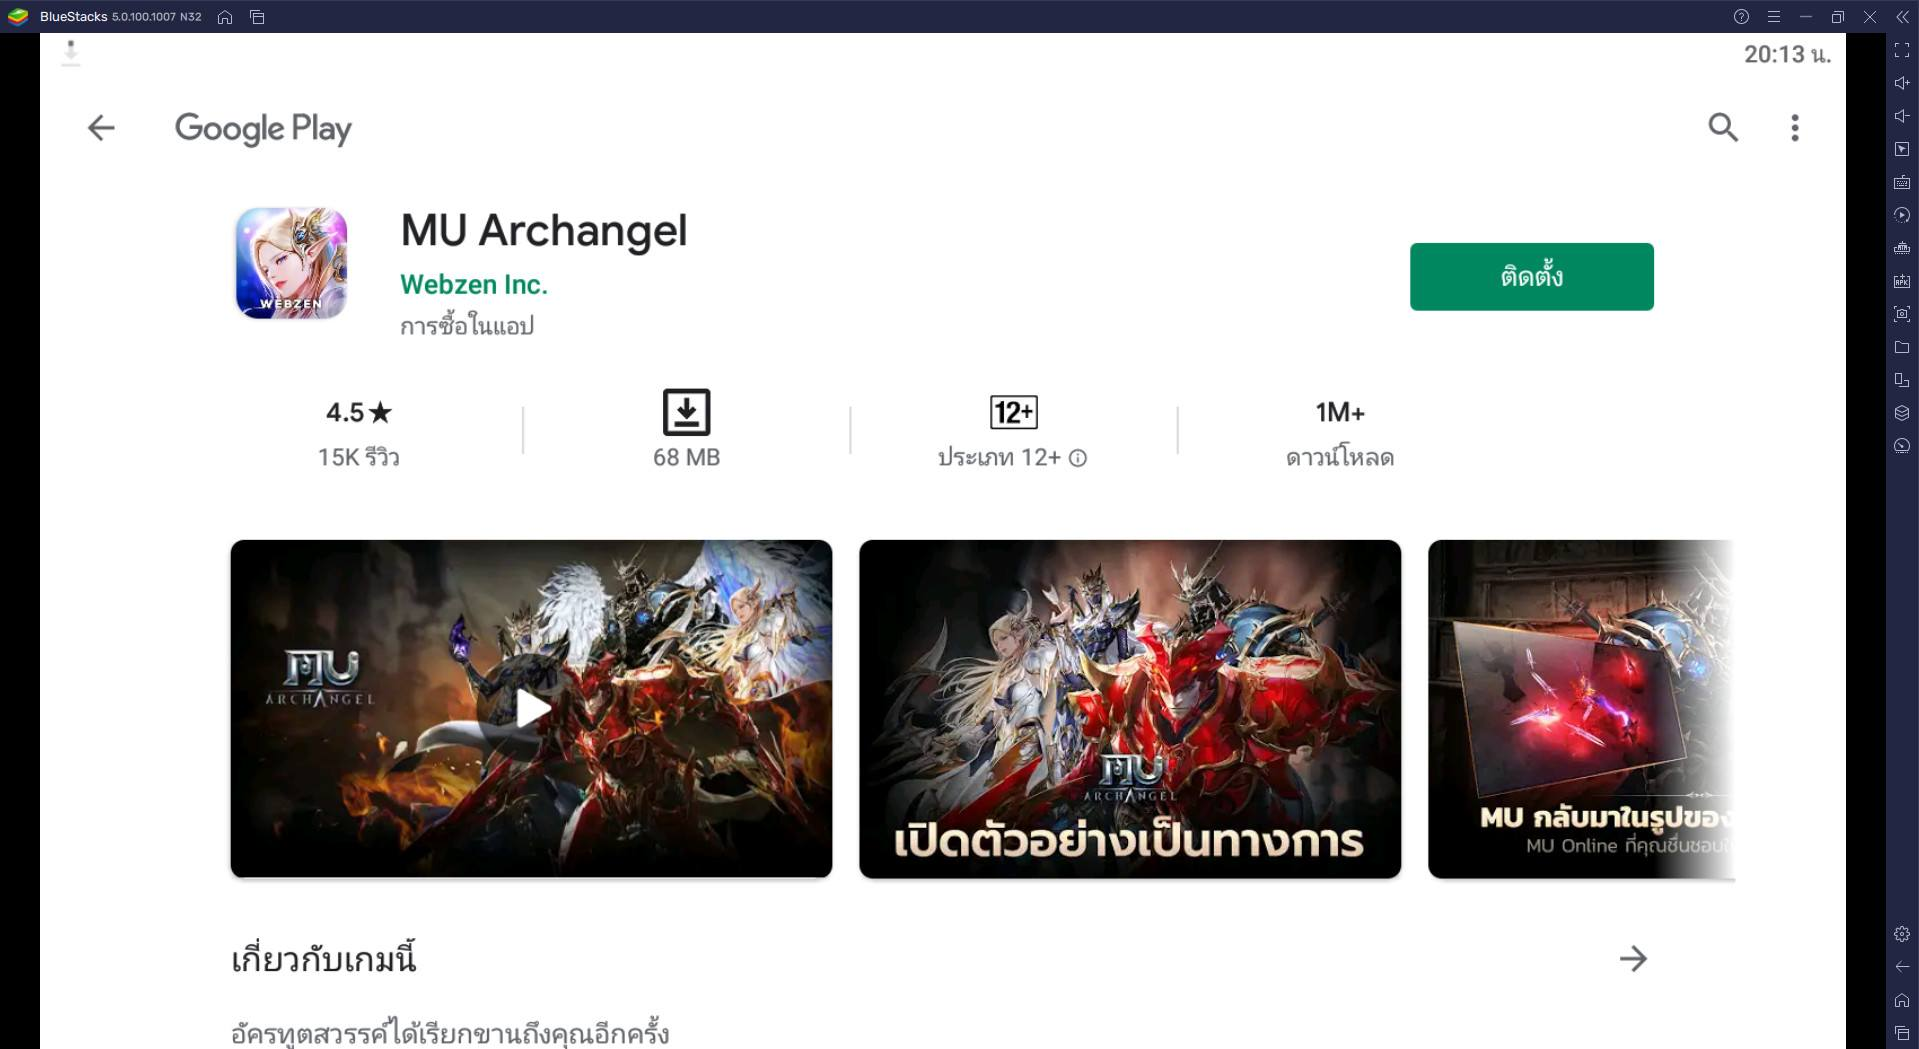 วิธีติดตั้ง MU Archangel บน PC และ Mac ผ่าน BlueStacks